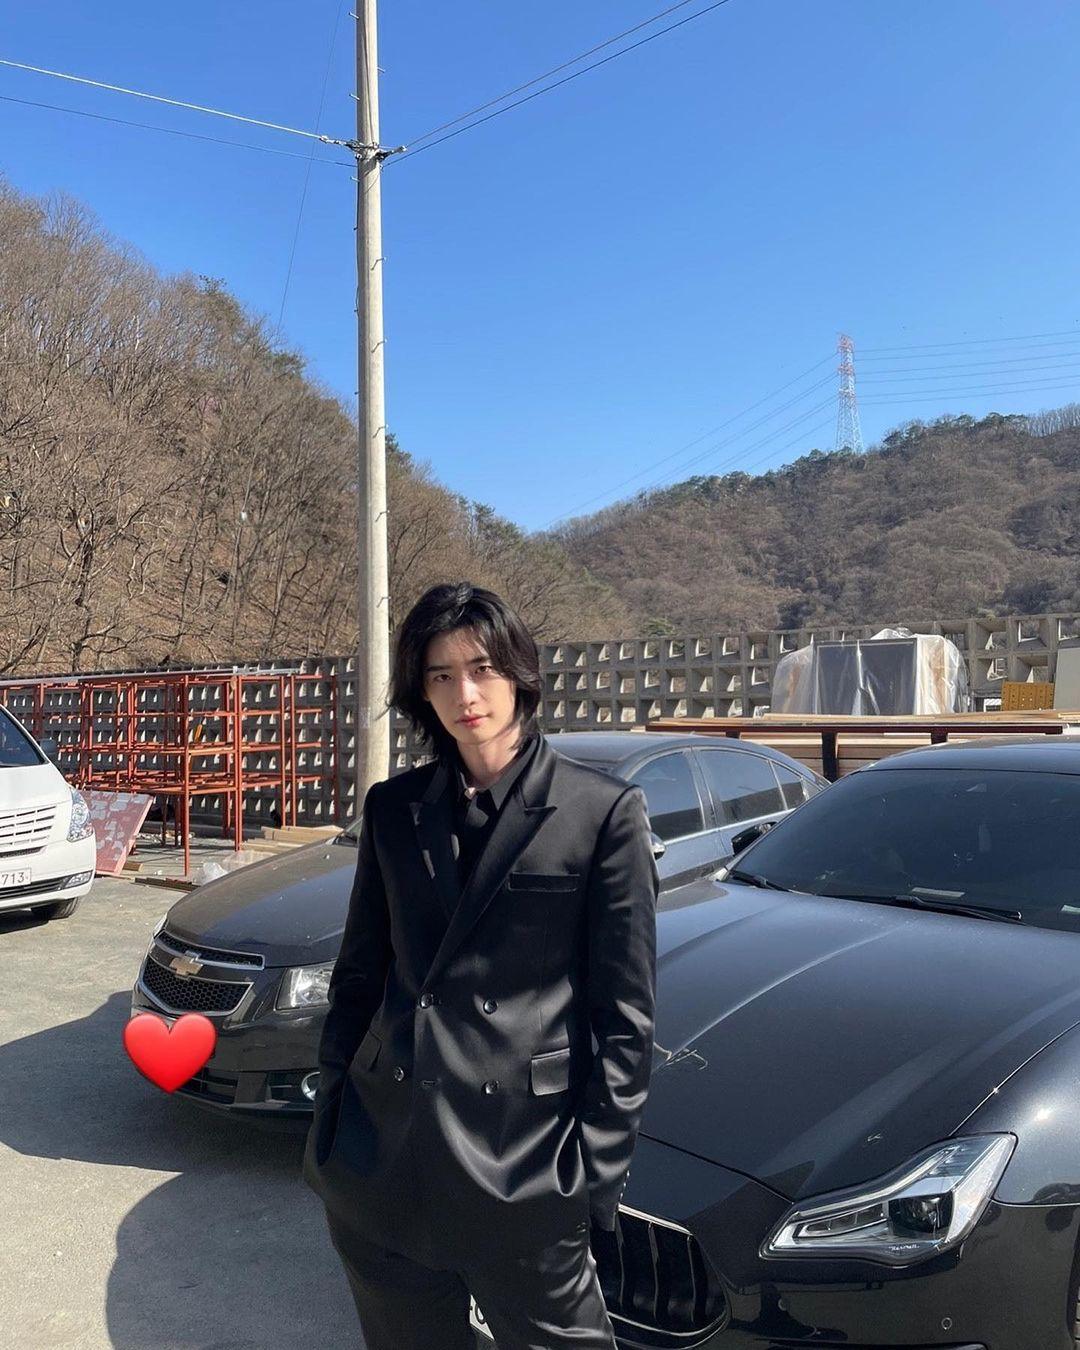 Lee Jong Suk wearing a black suit